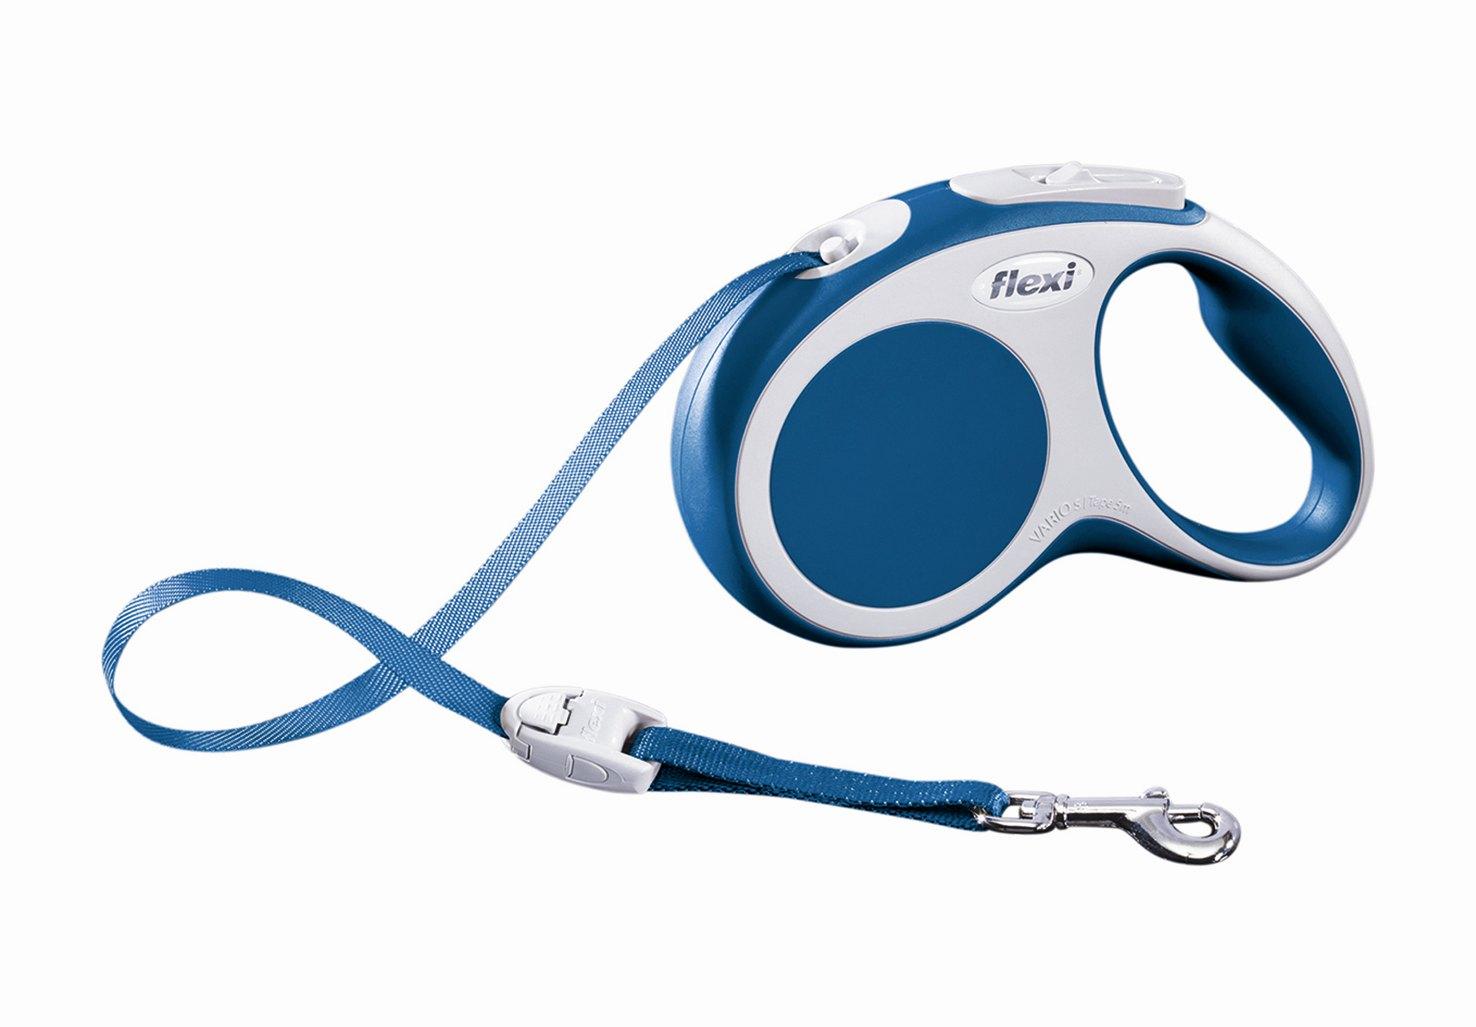 Поводок-рулетка Flexi Vario Compact S для собак до 15 кг, цвет: синий, 5 м019924Поводок-рулетка Flexi Vario Compact S изготовлен из пластика и нейлона. Ленточный поводок обеспечивает каждой собаке свободу движения, что идет на пользу здоровью и радует вашего четвероногого друга. Рулетка очень проста в использовании, оснащена кнопками кратковременной и постоянной фиксации. Ее можно оснастить - мультибоксом для лакомств или пакетиков для сбора фекалий, LED подсветкой корпуса, своркой или ремнем с LED подсветкой. Поводок имеет прочный корпус, хромированную застежку и светоотражающие элементы. Длина поводка: 5 м. Максимальная нагрузка: 15 кг. Товар сертифицирован.